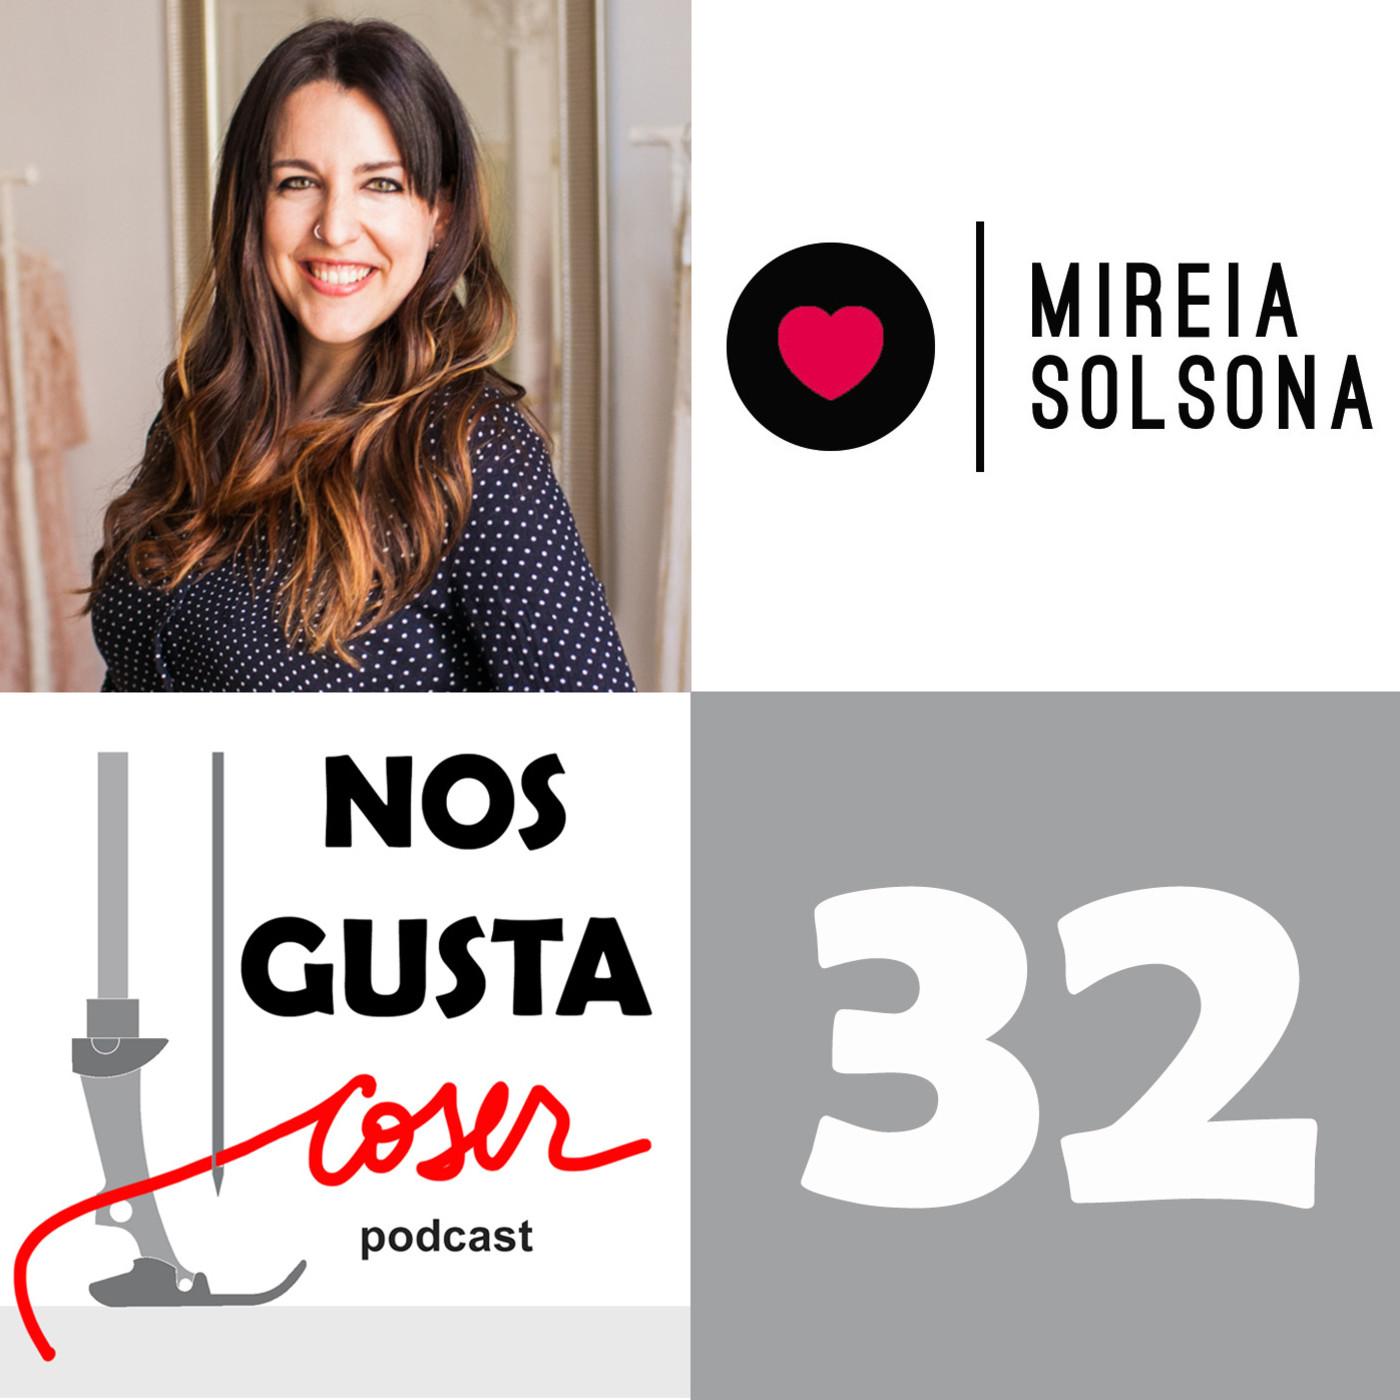 Negocio handmade en Etsy con Mireia Solsona